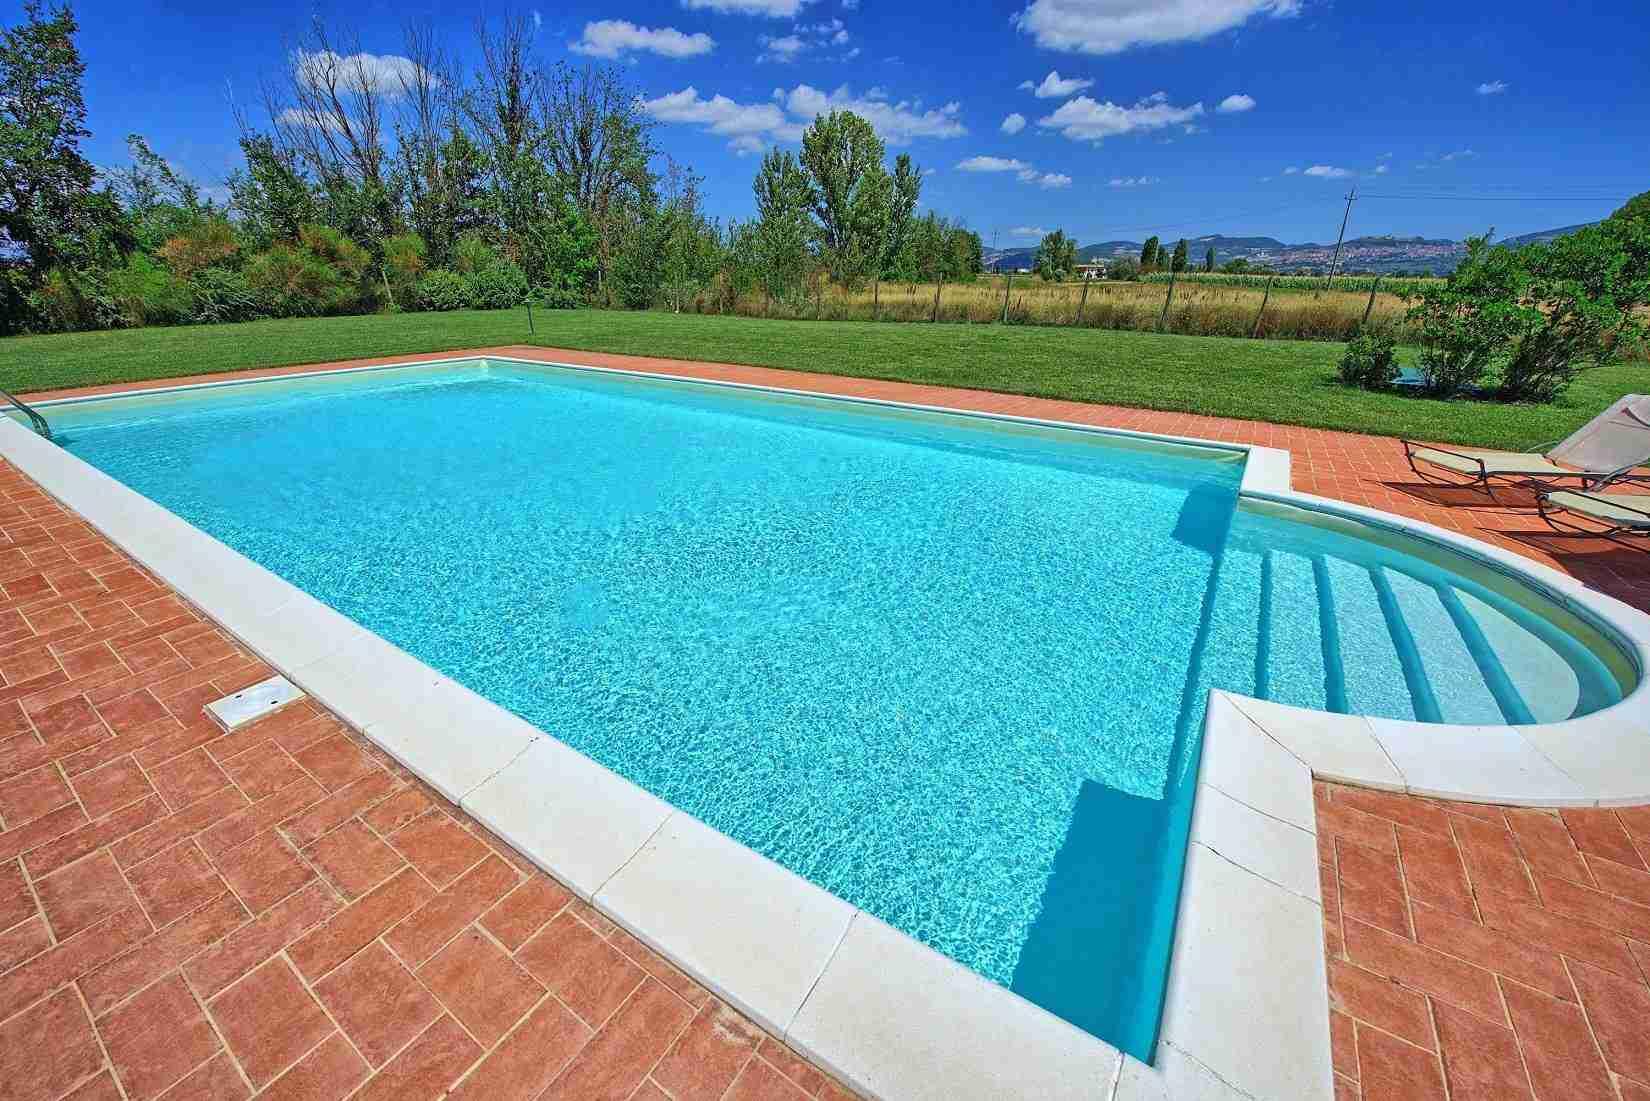 7 Assisi pool